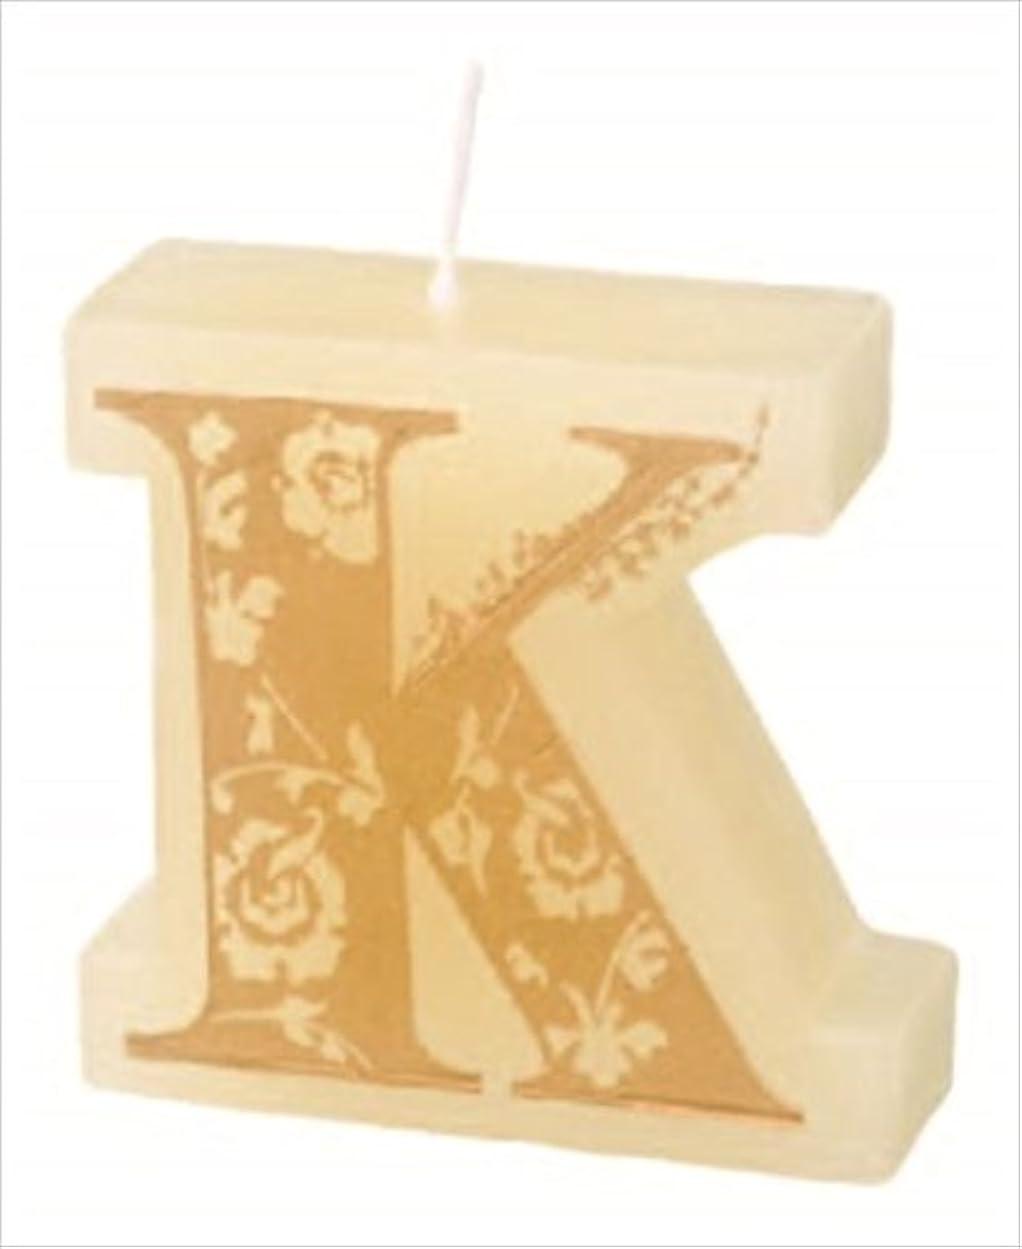 変更呼ぶオリエンテーションカメヤマキャンドル(kameyama candle) イニシャルキャンドルミニ 「 K 」